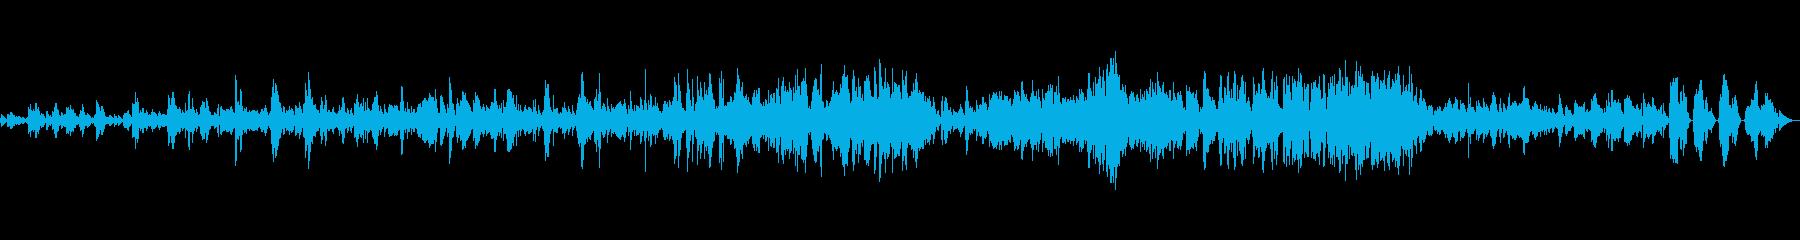 ジャズ センチメンタル 感情的 静...の再生済みの波形